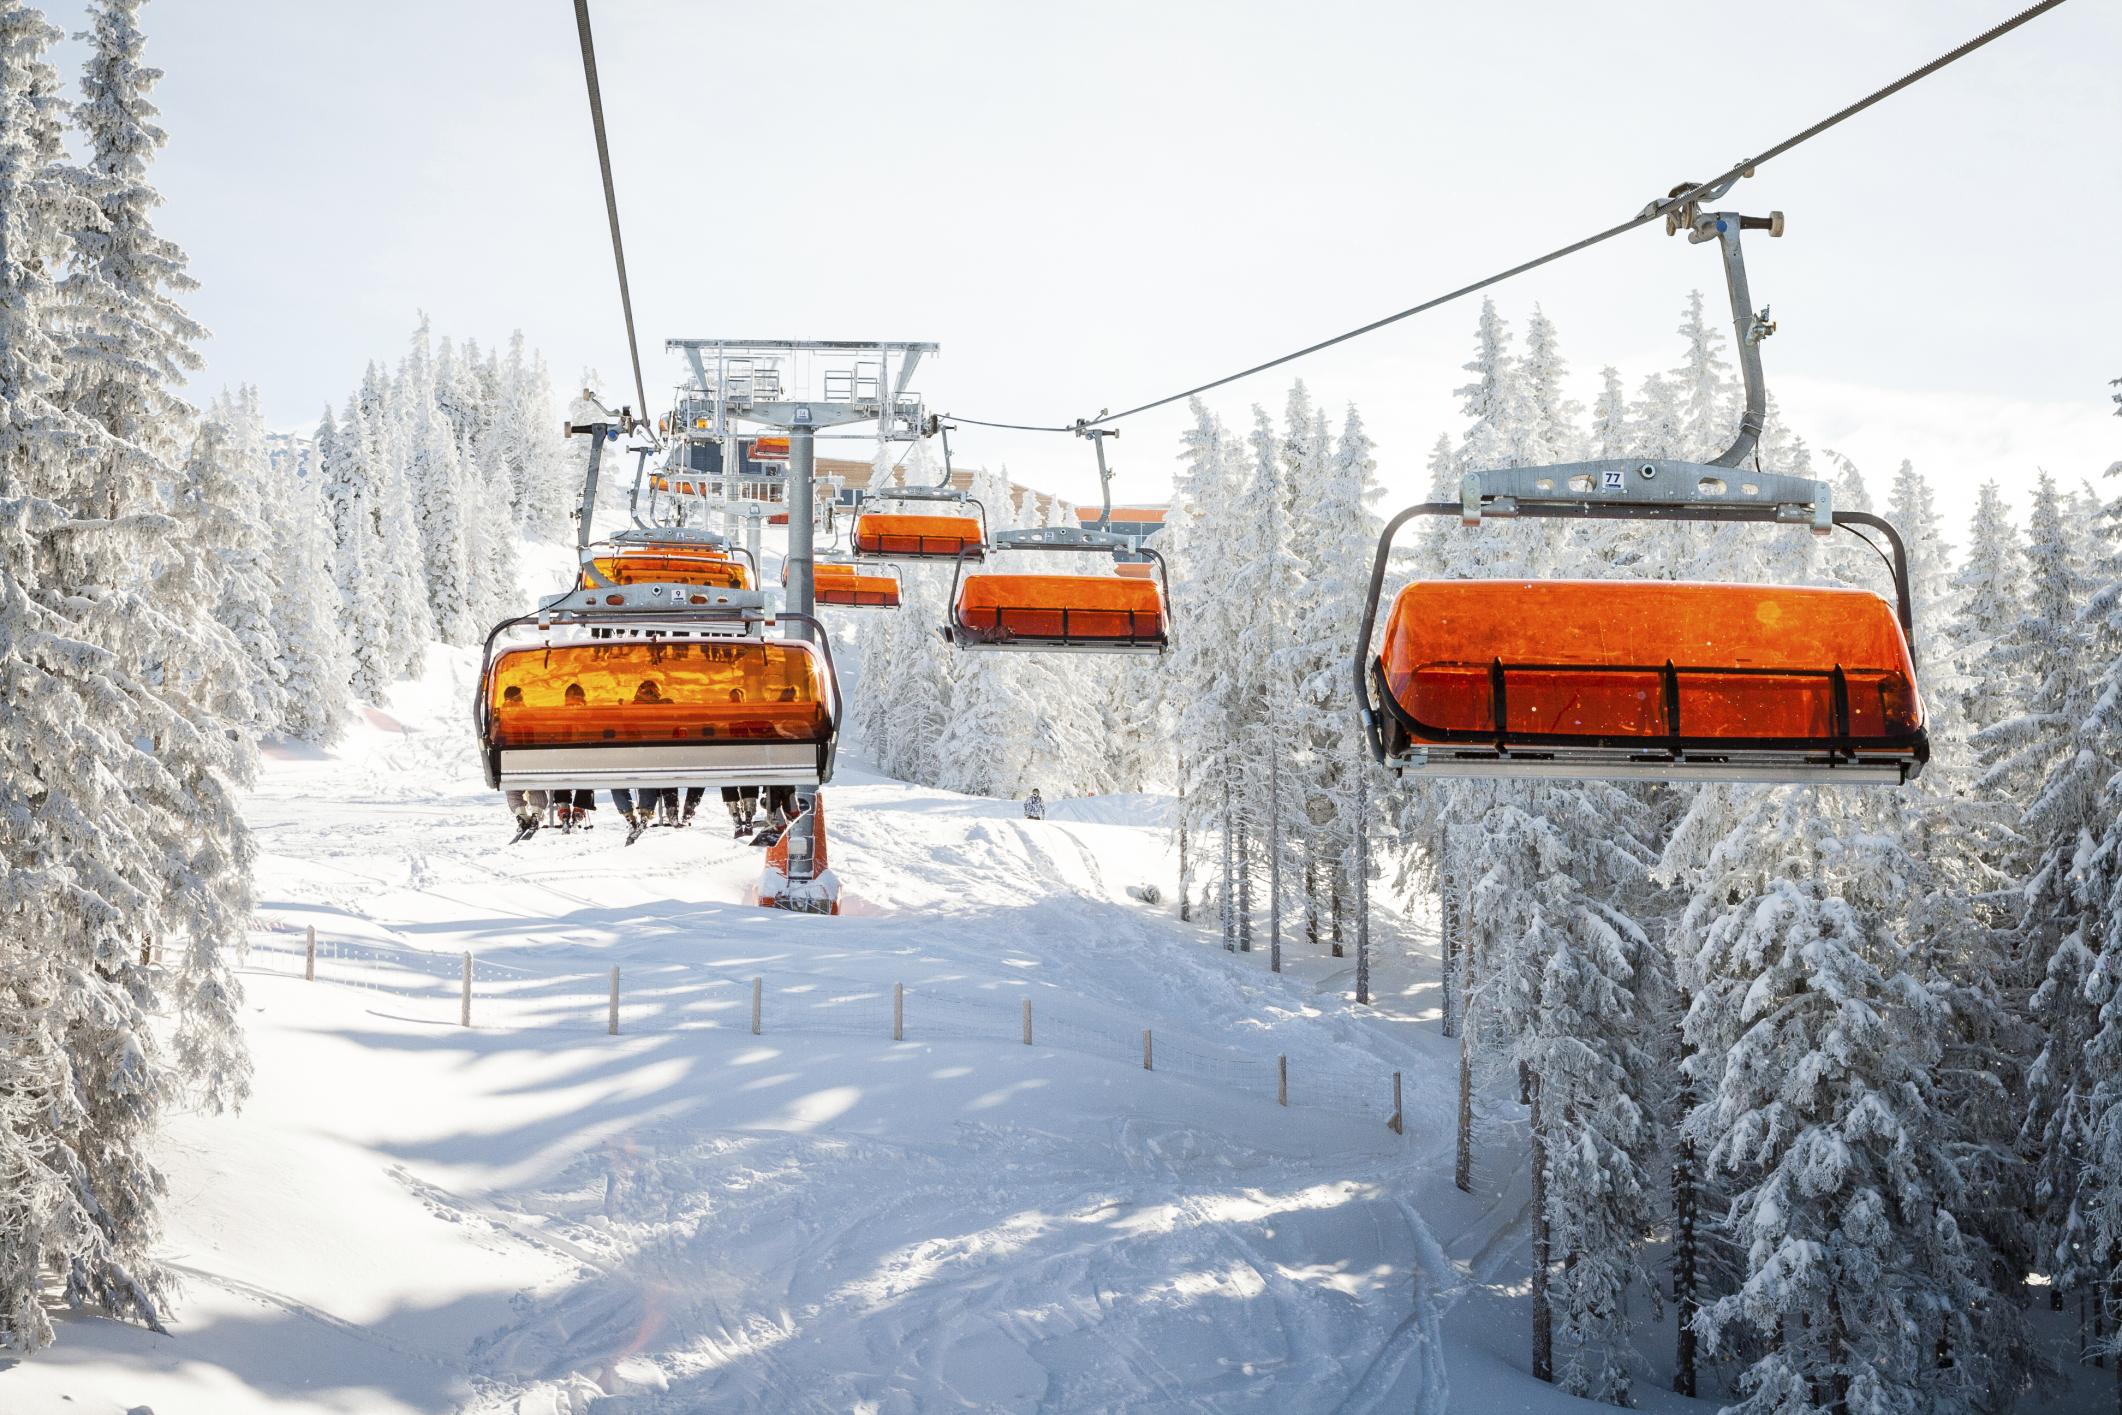 utah skiing snowboarding deals coupons in utah groupon